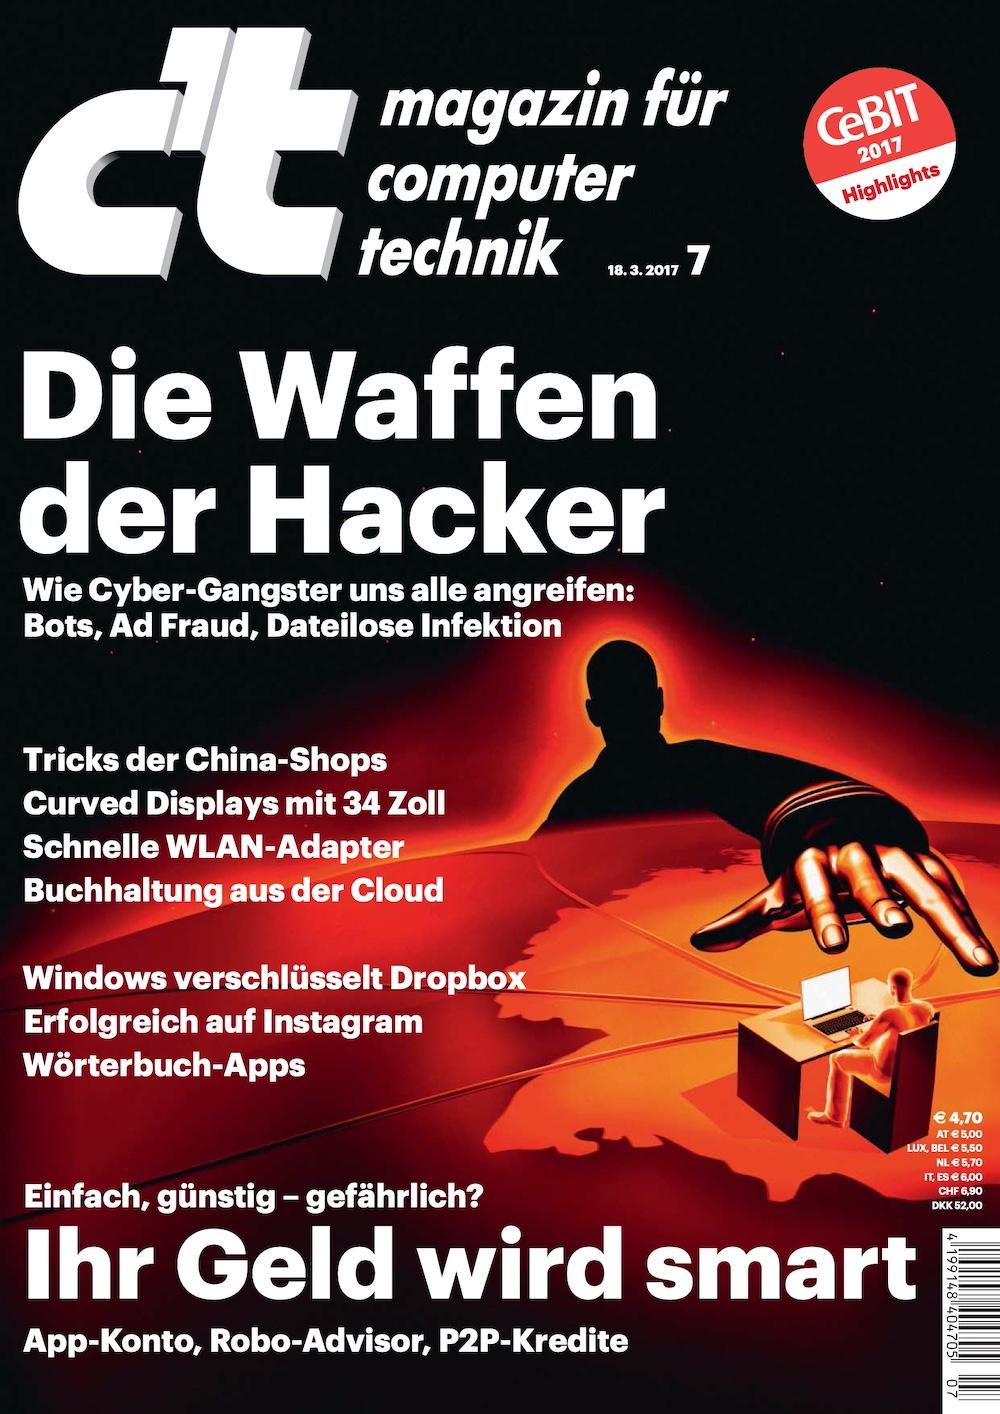 c't Magazin 2017-07